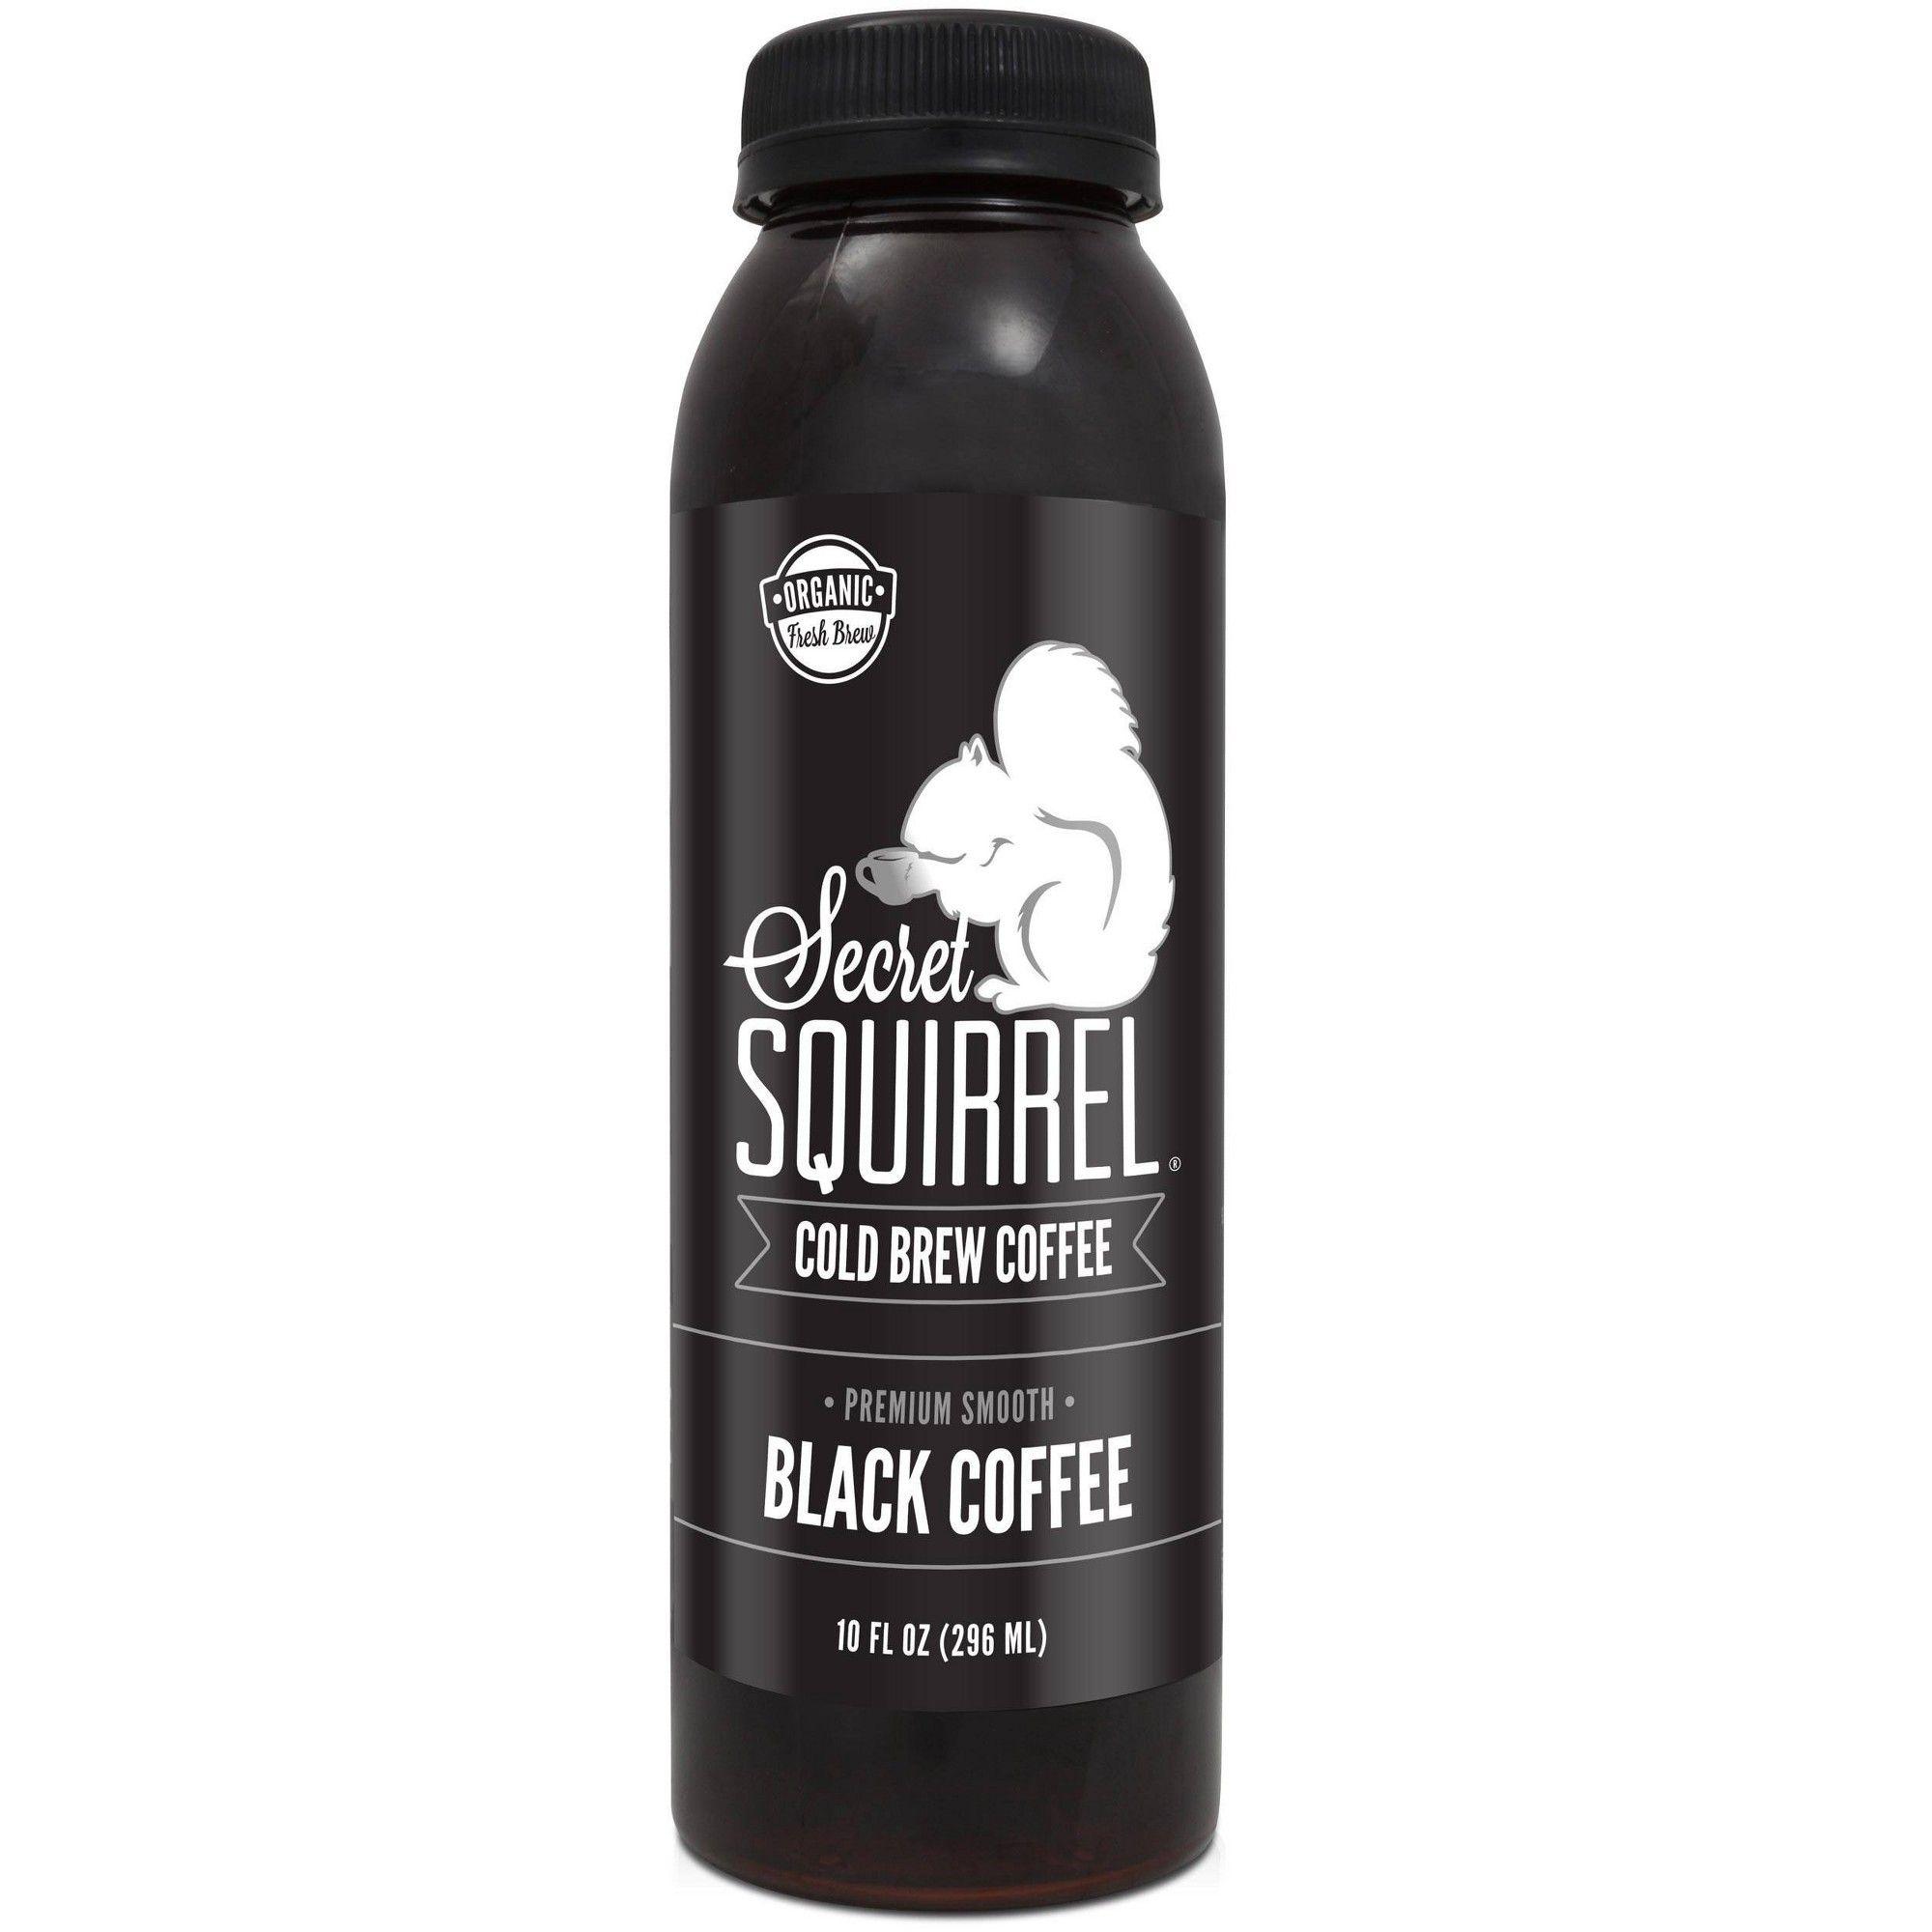 Secret Squirrel Black Cold Brew Coffee 10 fl oz Cold